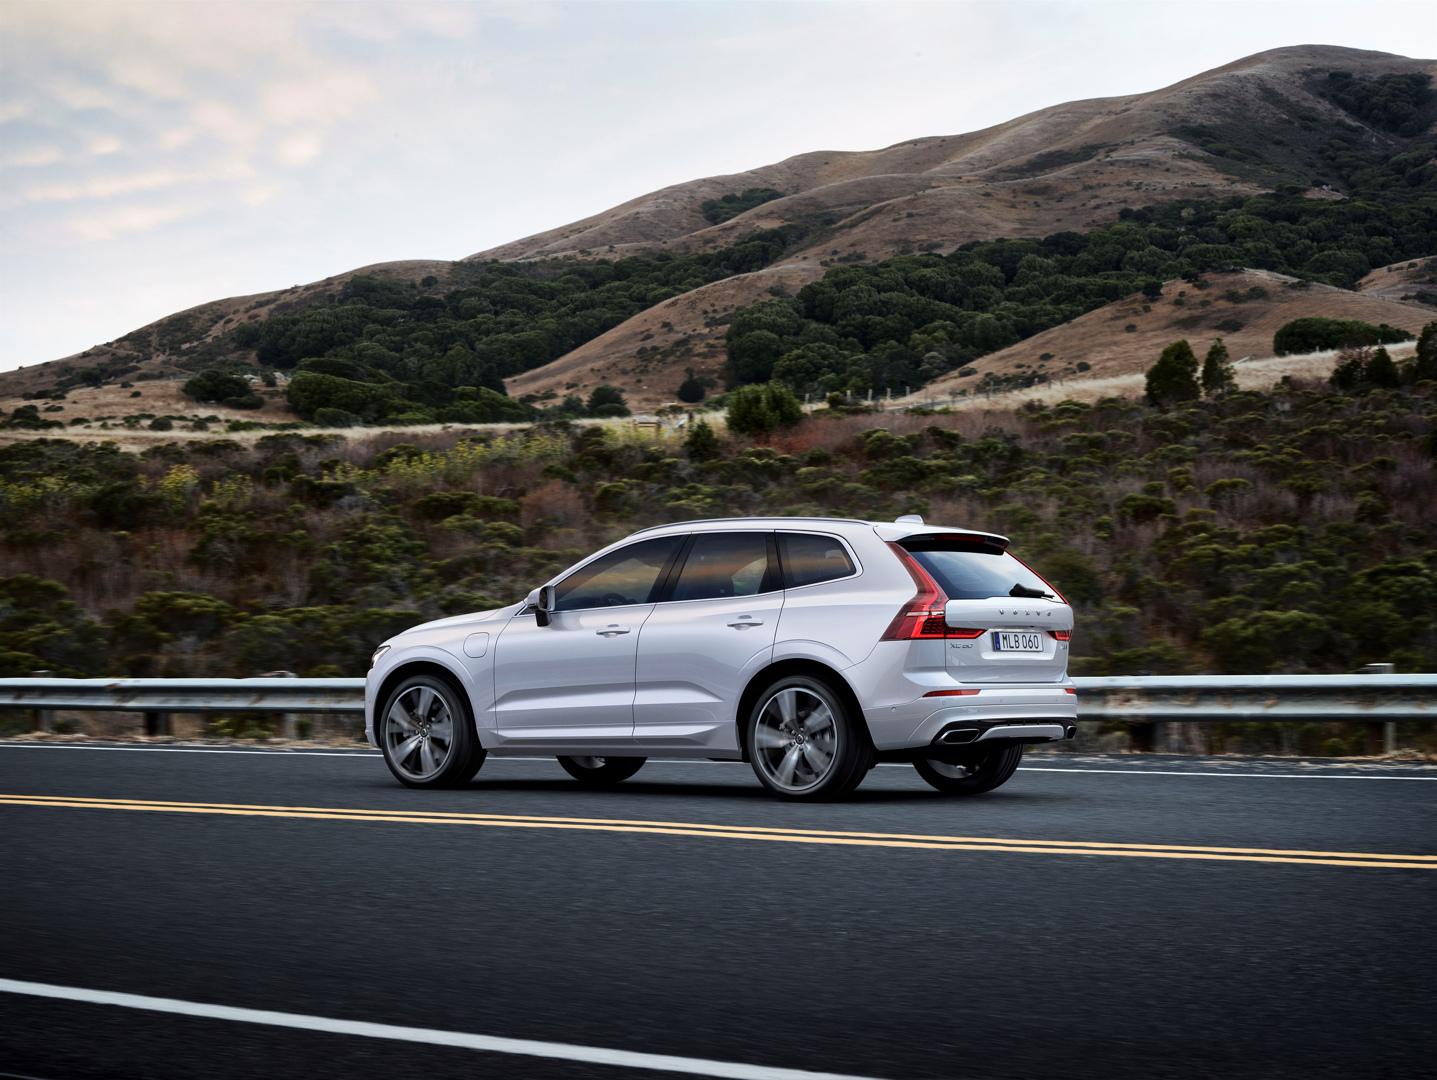 205076_The_new_Volvo_XC60